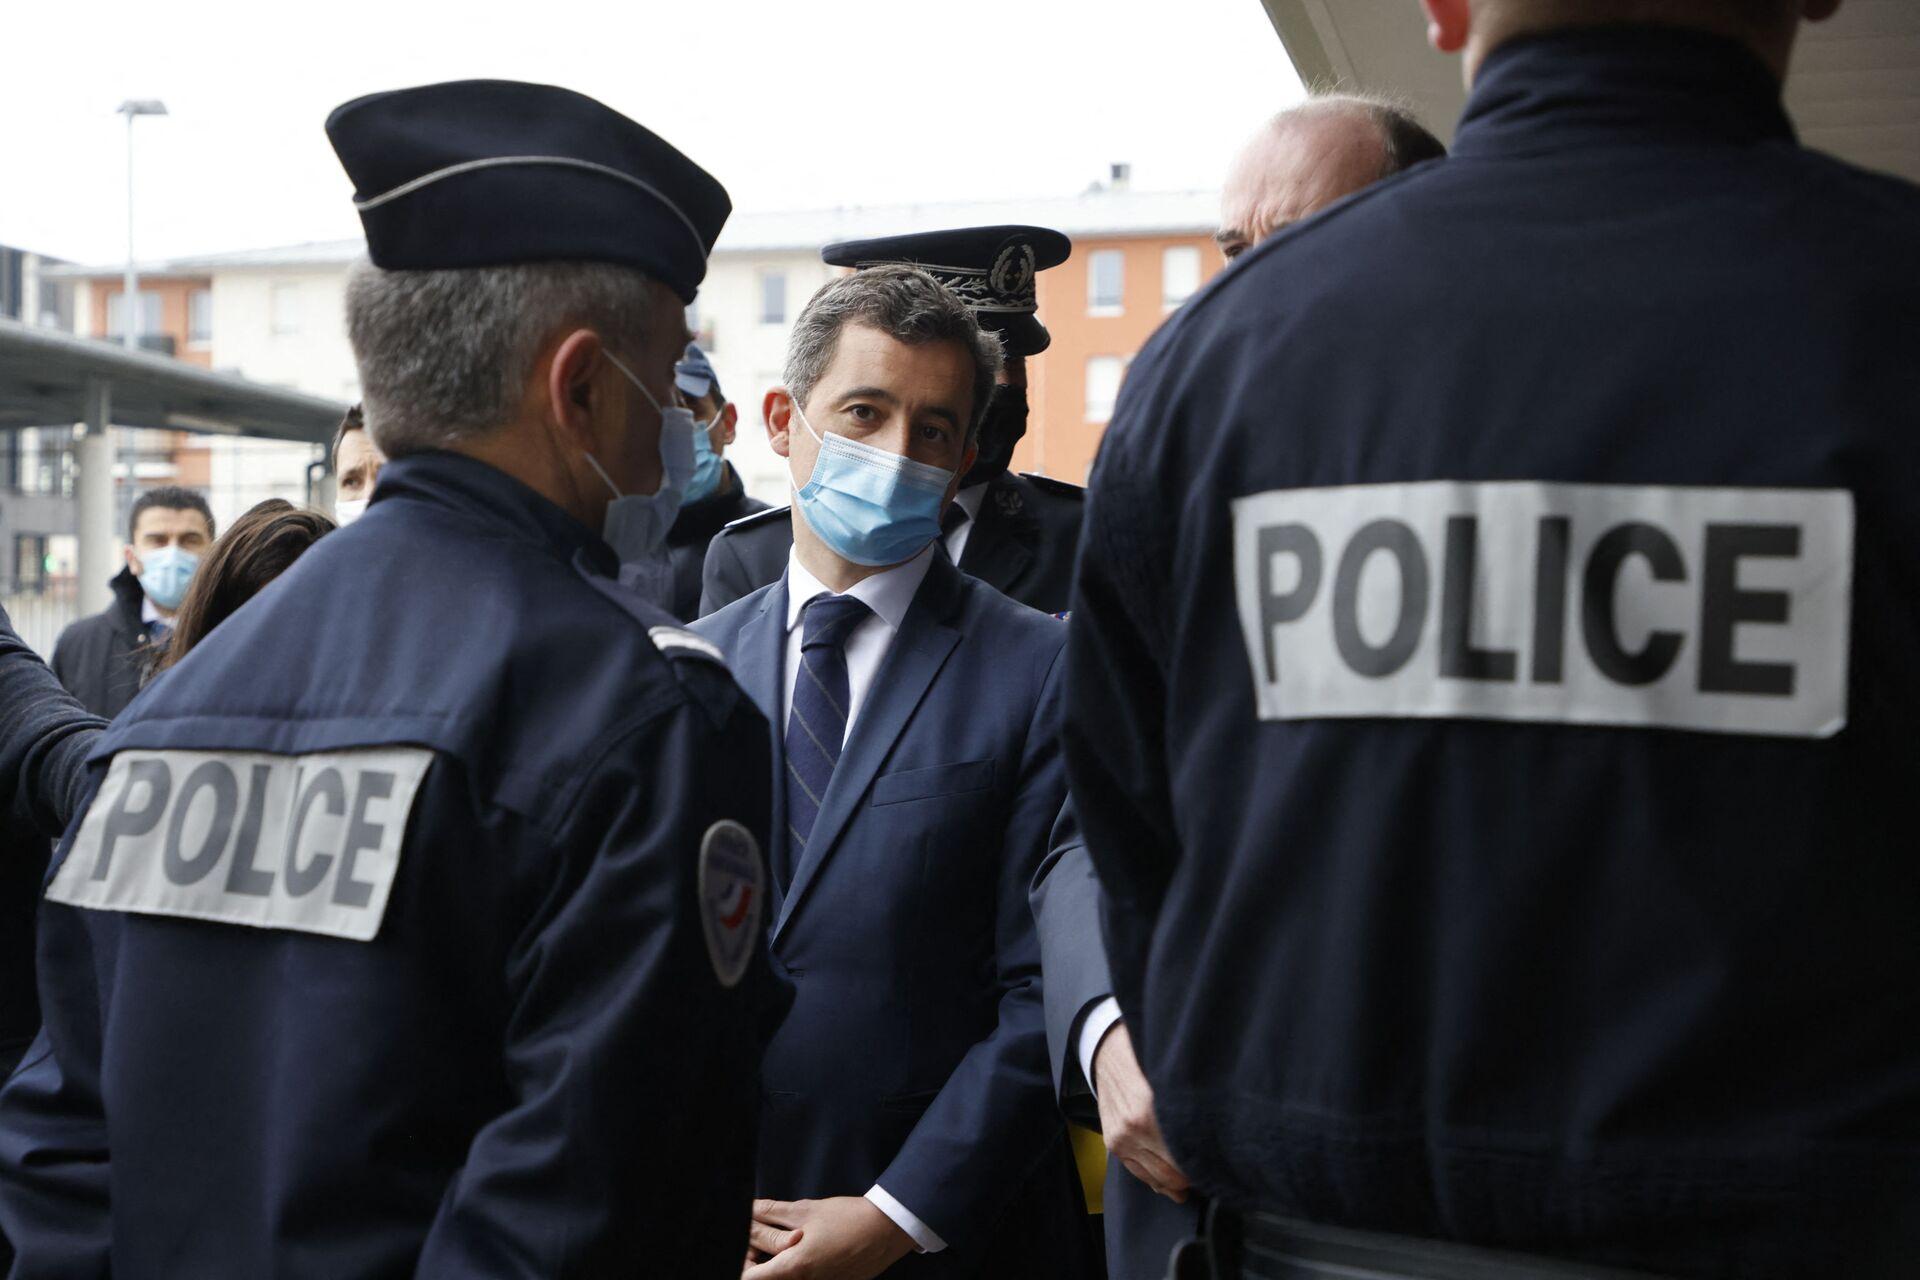 Dans un courrier transmis ce 7 septembre aux préfets, Gérald Darmanin en appelle à la «vigilance dans le cadre de l'ouverture du procès des attentats» tant vis-à-vis de la «menace endogène qu'exogène». «La menace terroriste est très forte», prévient le ministre de l'Intérieur. - Sputnik France, 1920, 21.09.2021